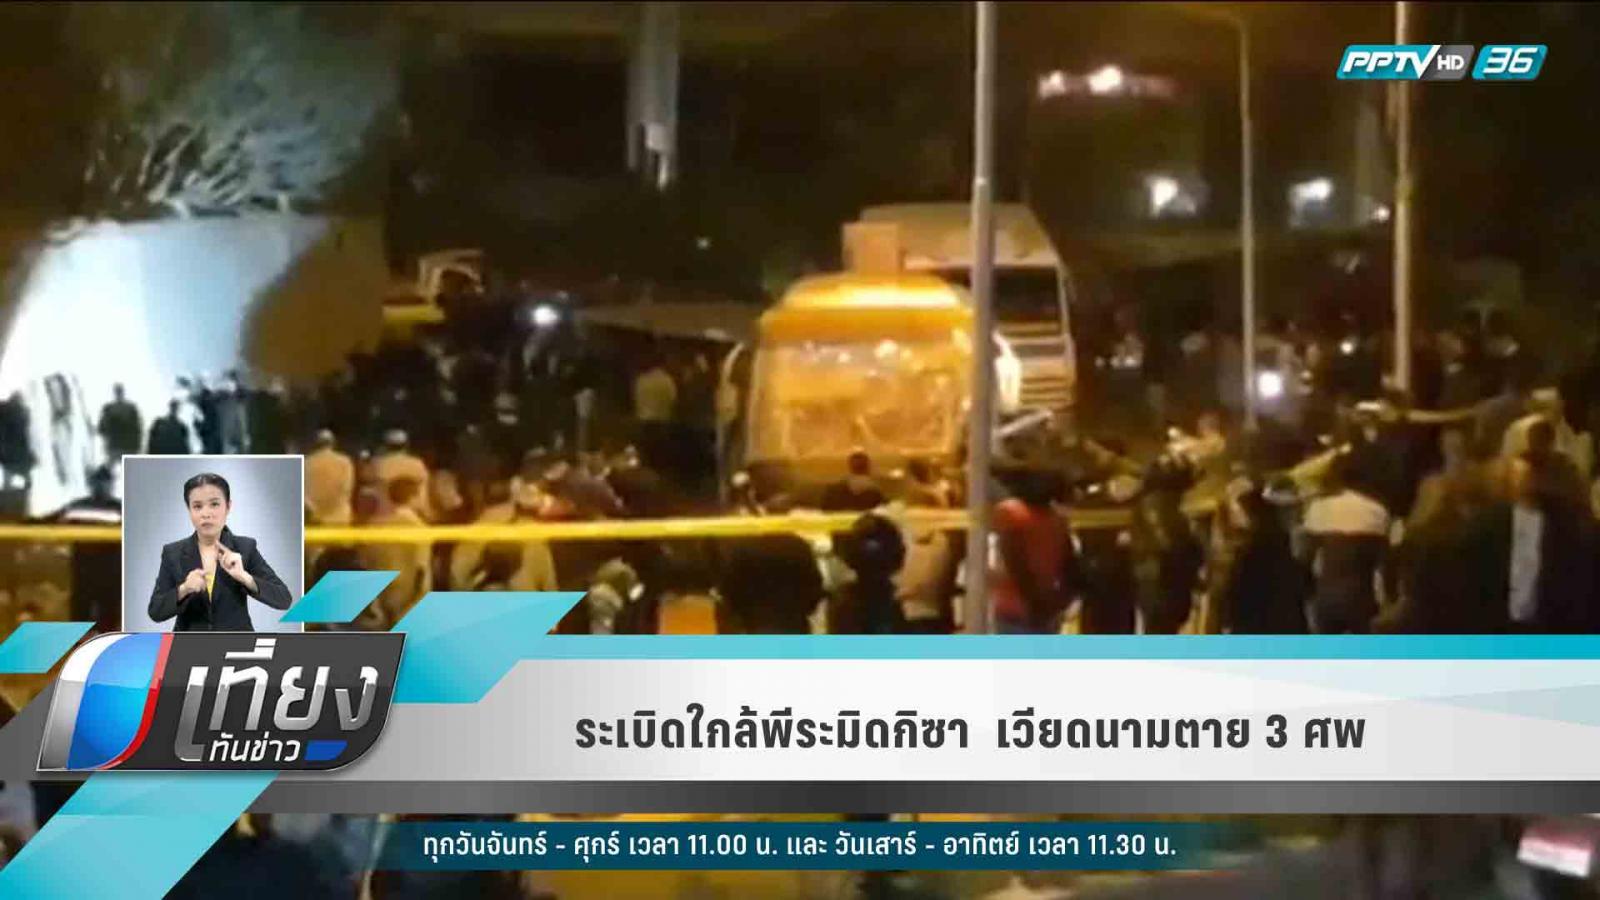 ระเบิดใกล้พีระมิดกิซา  เวียดนามตาย 3 ศพ